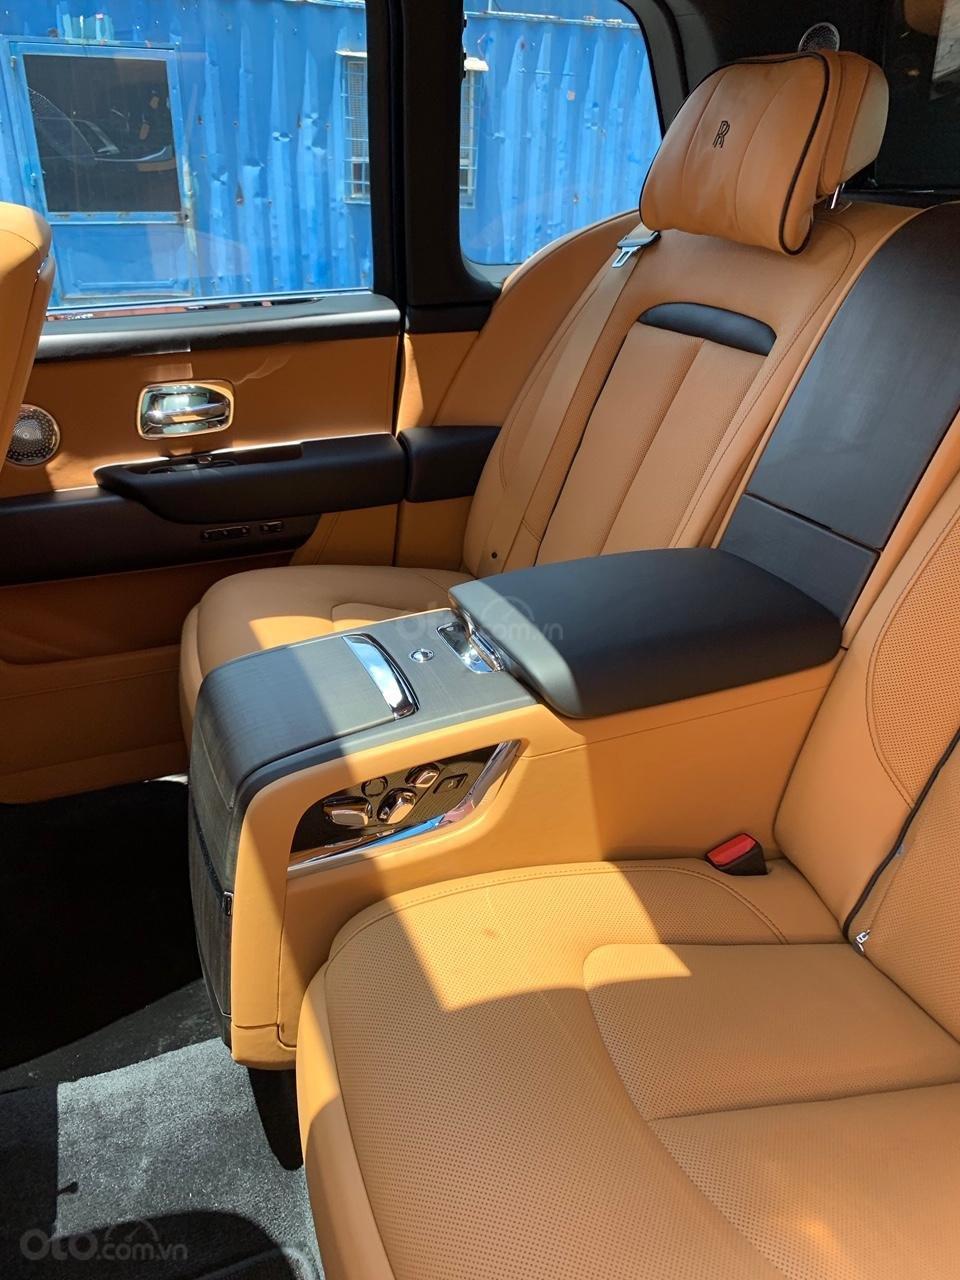 Cần bán xe Rolls-Royce Cullinan đời 2020, màu đen, nhập khẩu nguyên chiếc (10)